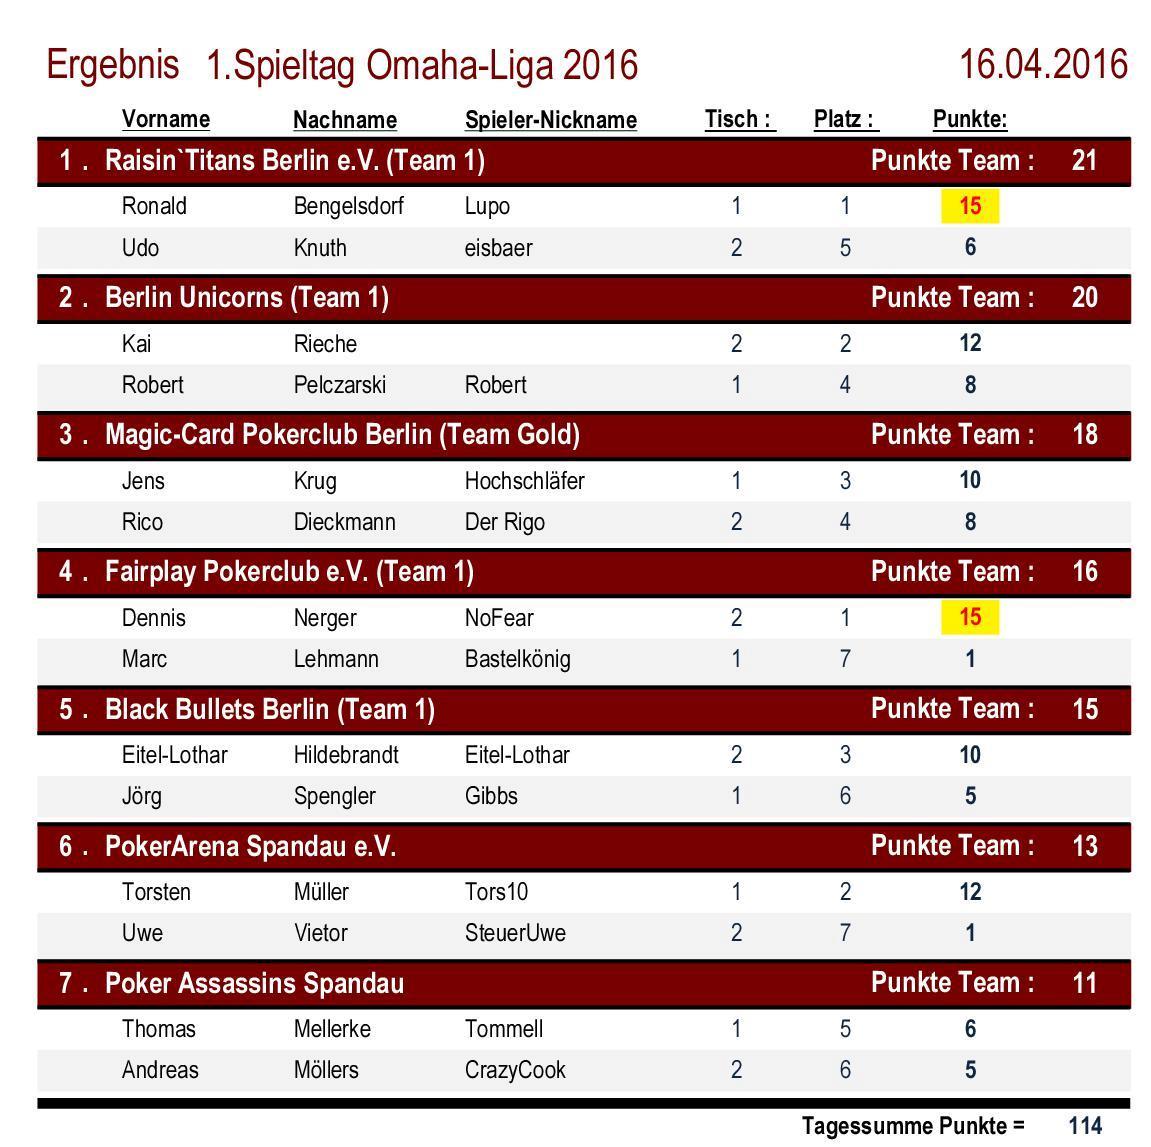 Platzierungen 1.Spieltag OMAHA-Liga 2016